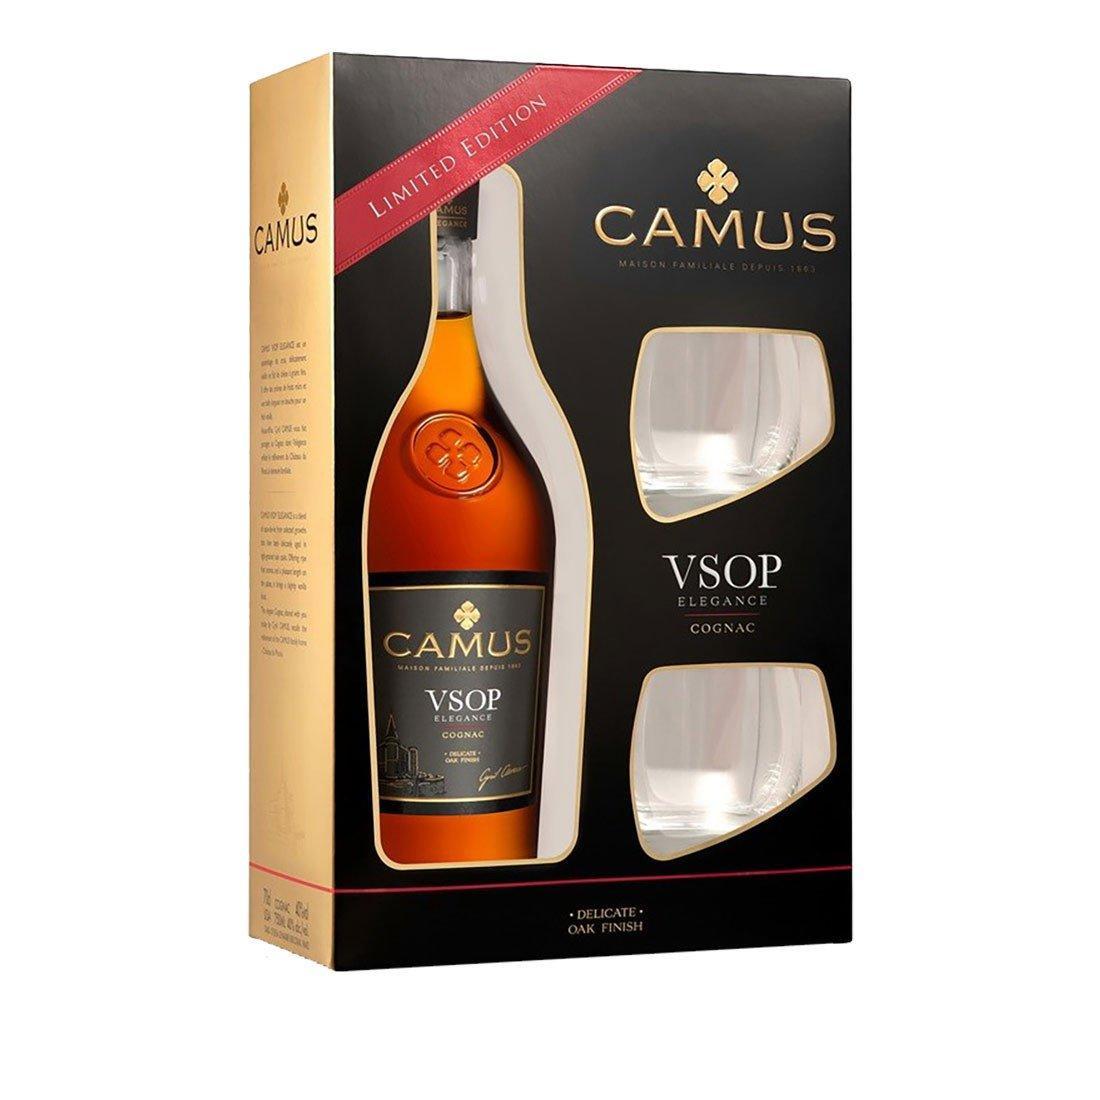 Коньяк Camus VSOP Элеганс 40% + 2 стакана